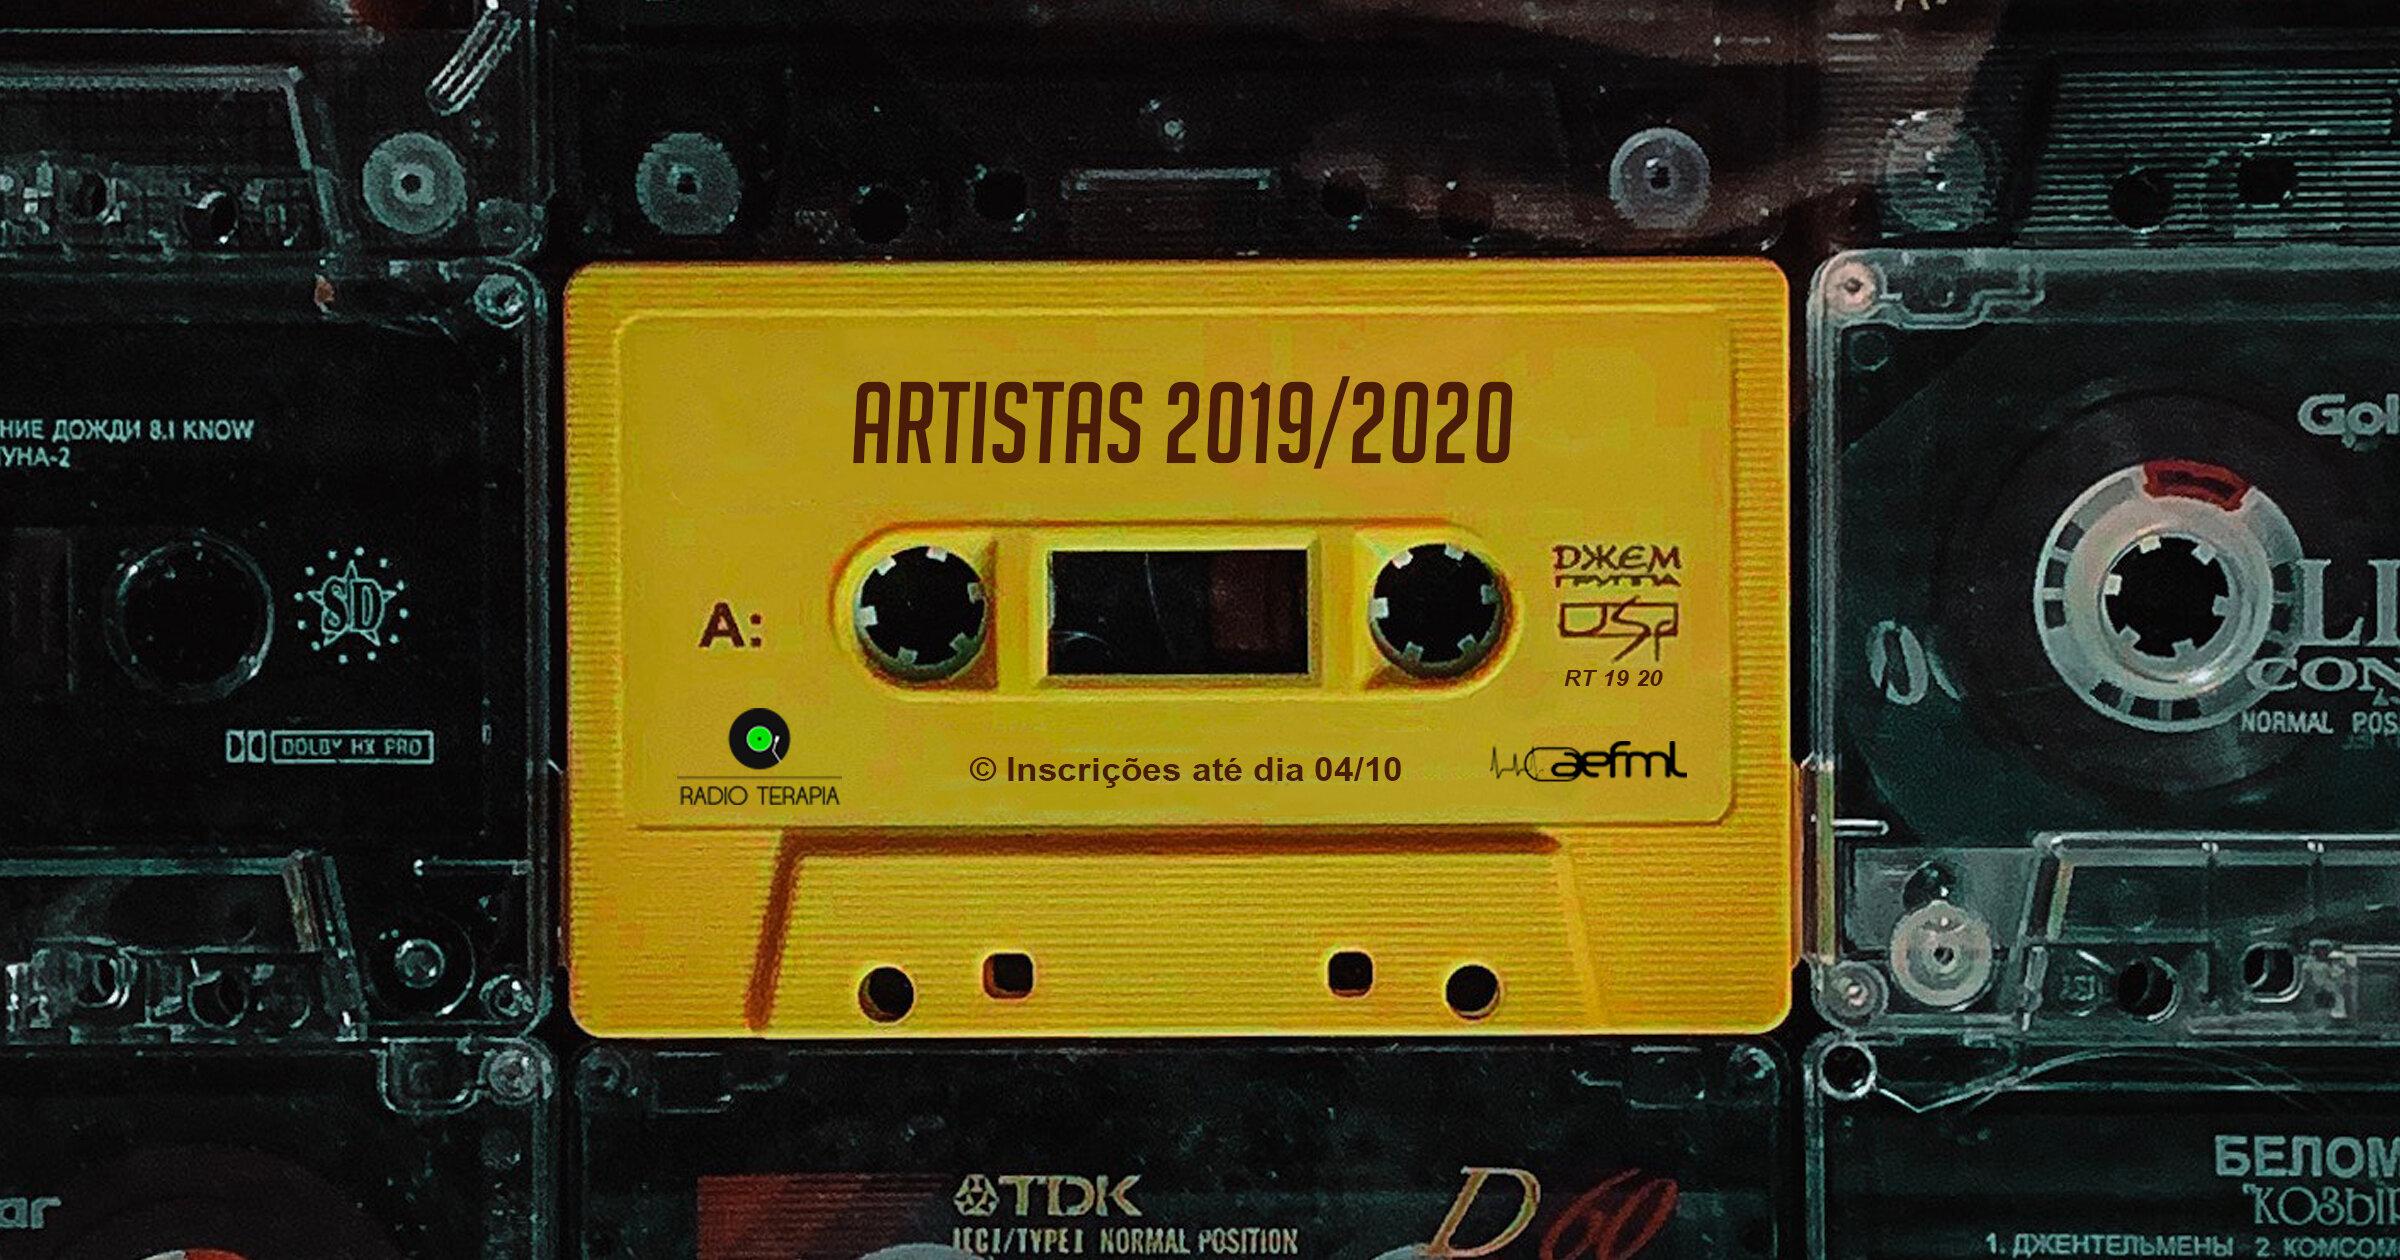 Artistas_Radioterapia.jpg